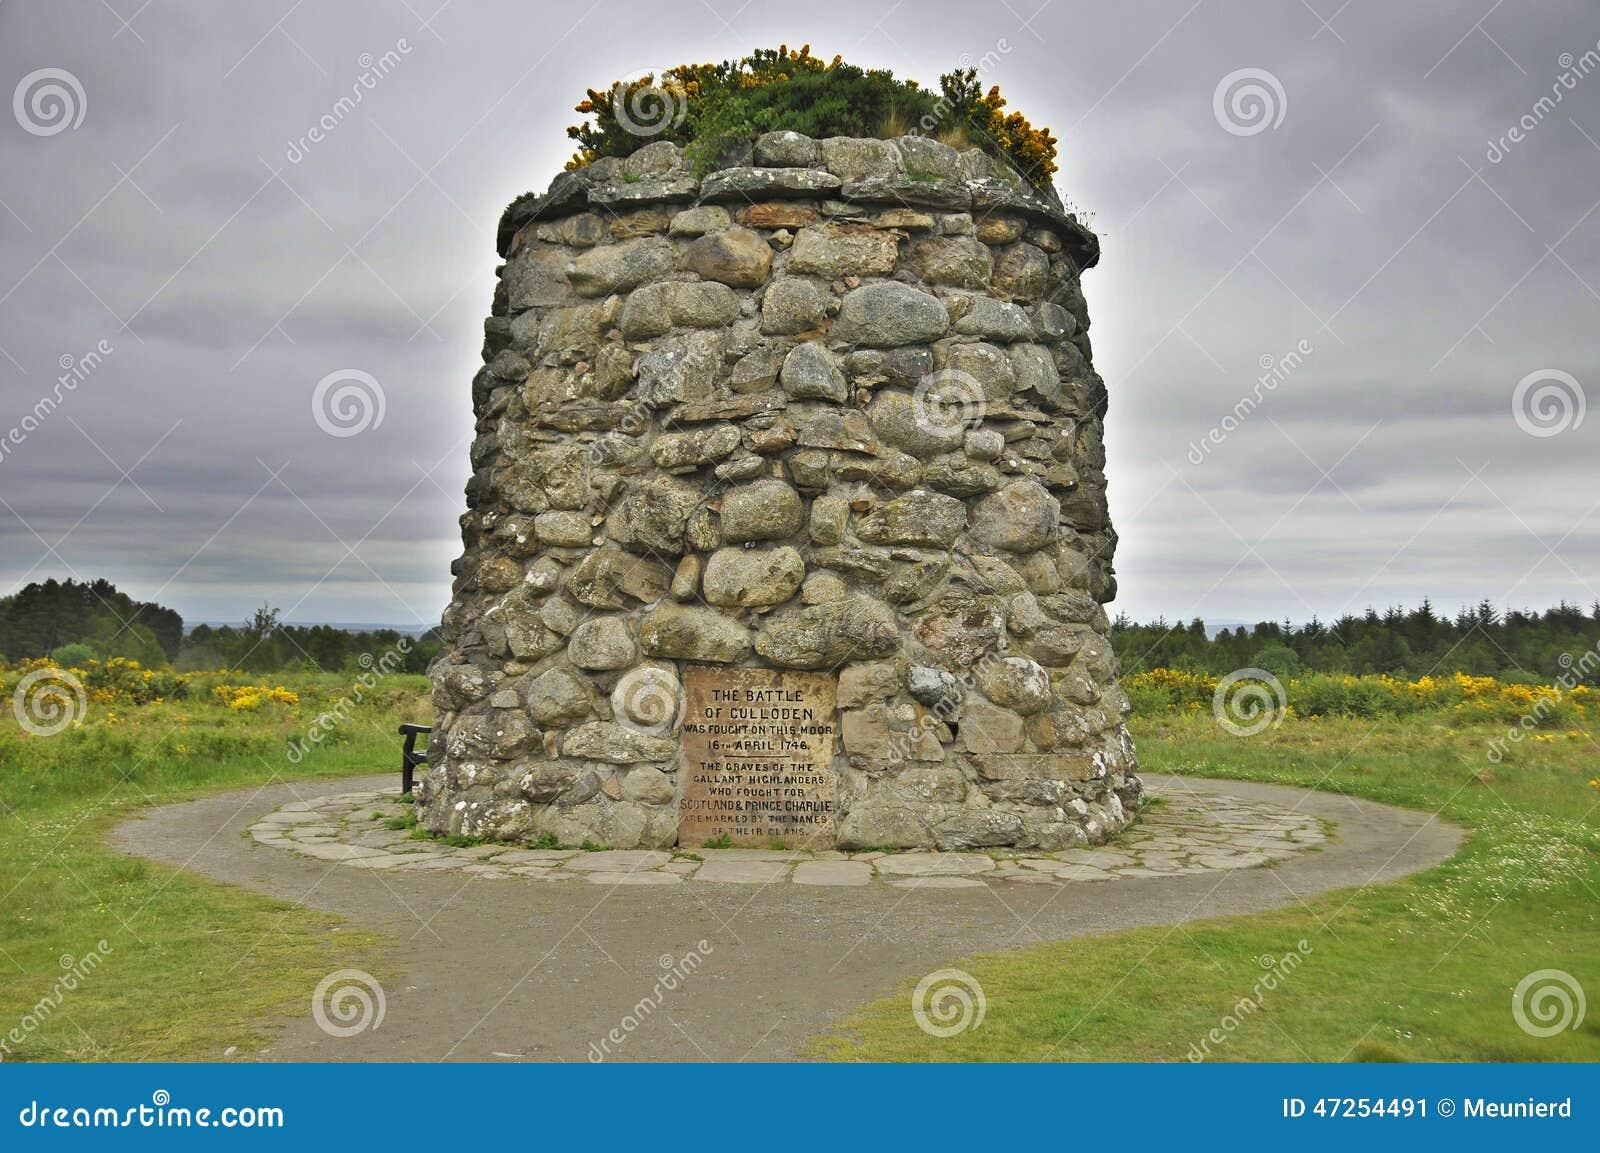 Monumento del monumento del campo de batalla de Culloden